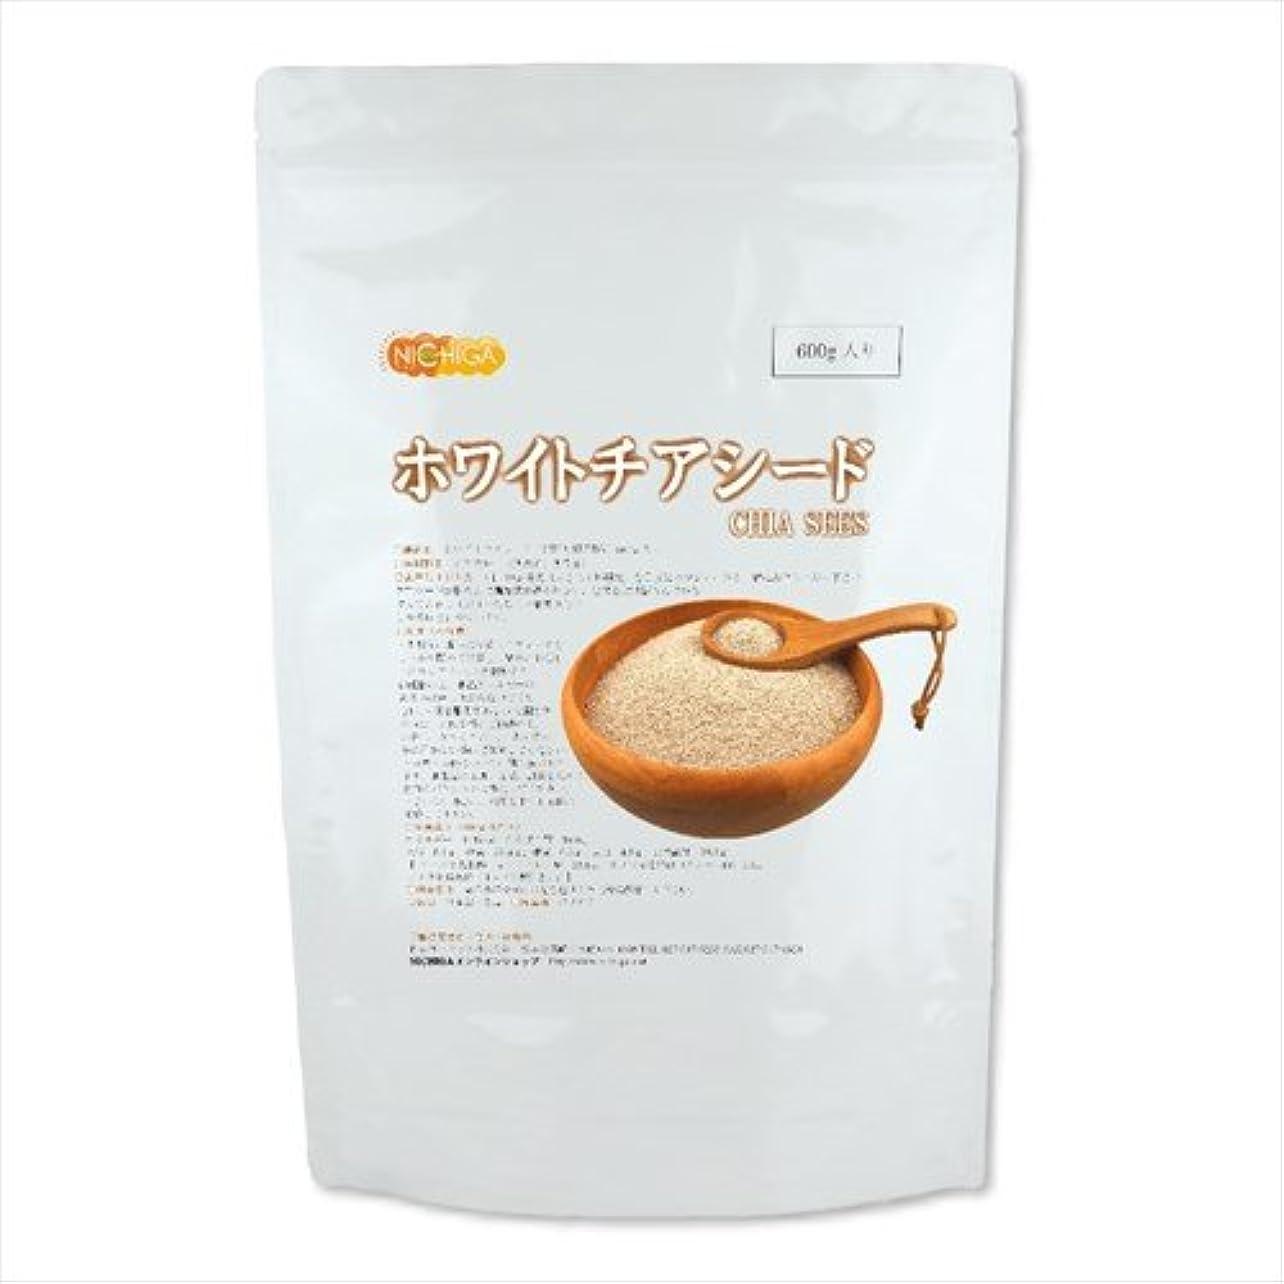 ホワイトチアシード 600g【CHIASEEDS】殺菌品 a-リノレン酸 リノール酸 含む [01] NICHIGA(ニチガ)